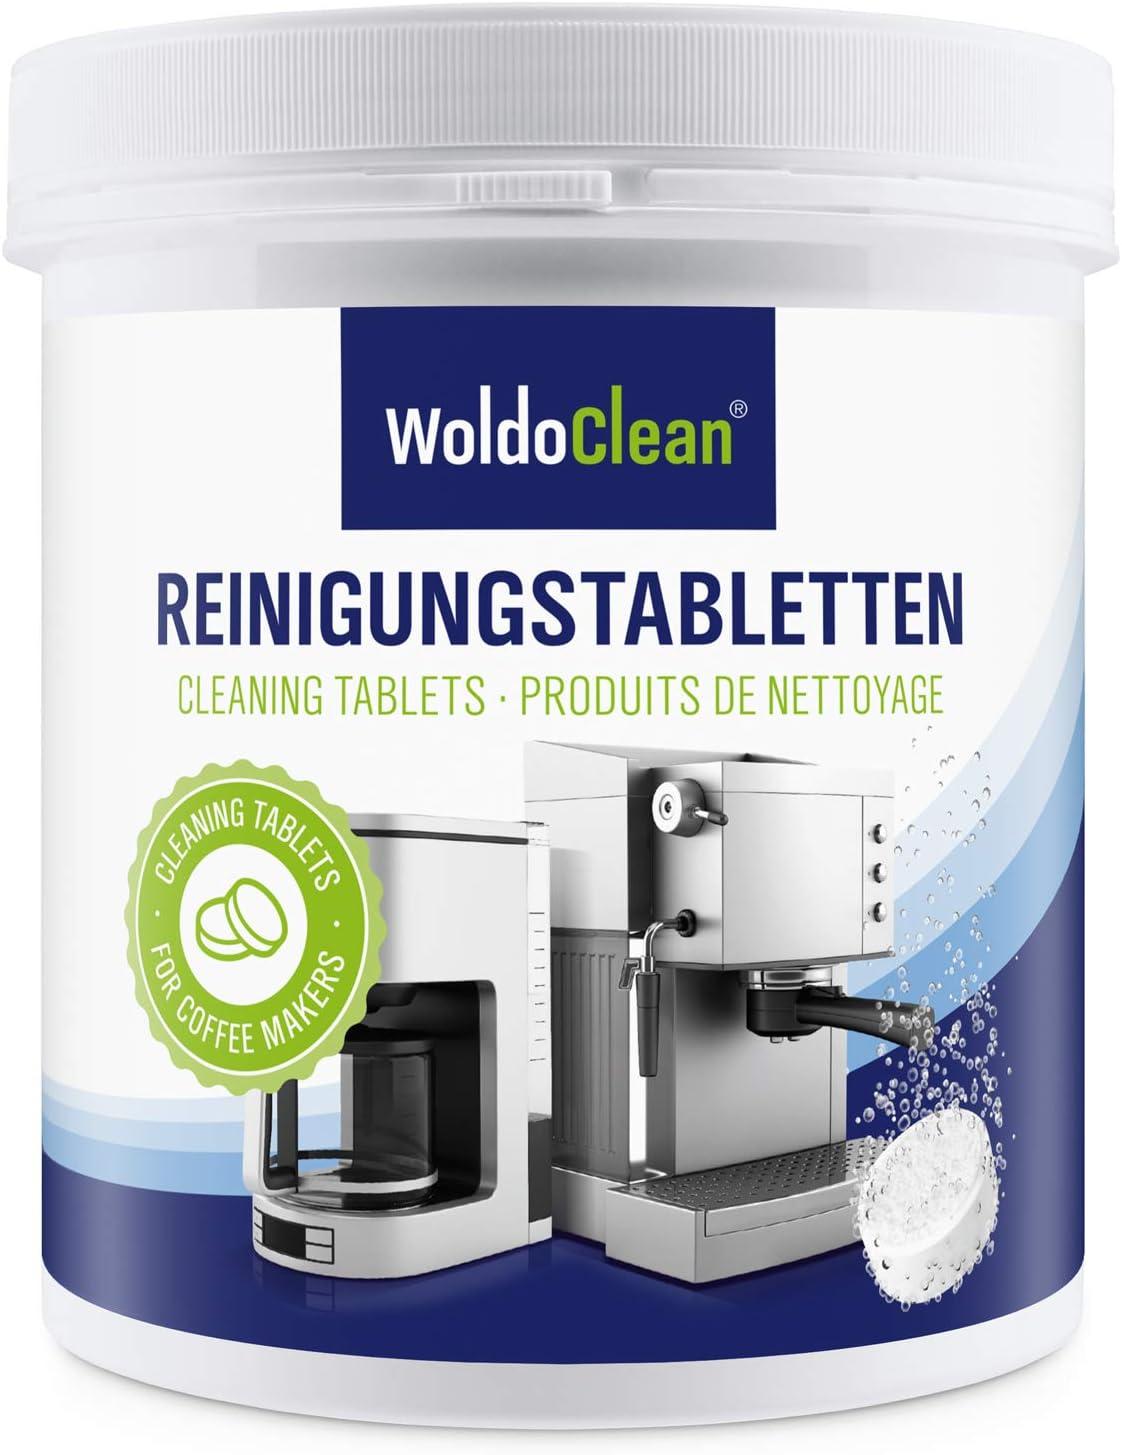 Pastillas para la limpieza de cafeteras automáticas - 260x tabletas limpiadoras compatible con marcas, Delonghi, Dolce Gusto, Nespresso, Seaco, Krups, Senseo, Bosch: Amazon.es: Hogar